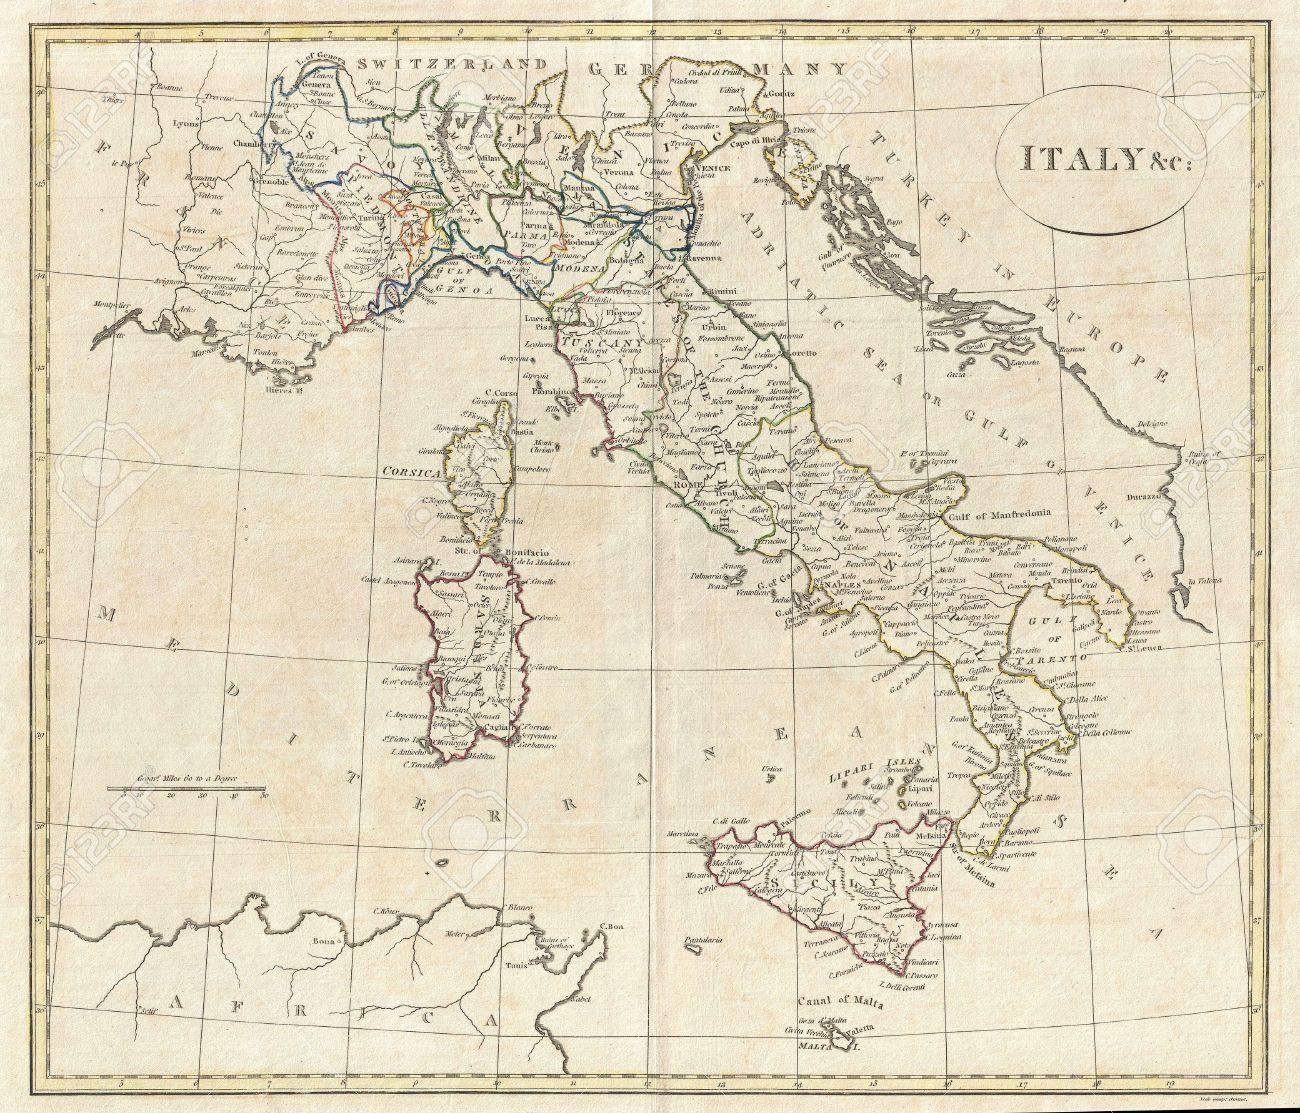 Mappa Dellitalia Antica.Vecchia Mappa Di Italia Mappa Di Italia Antica Europa Del Sud Europa